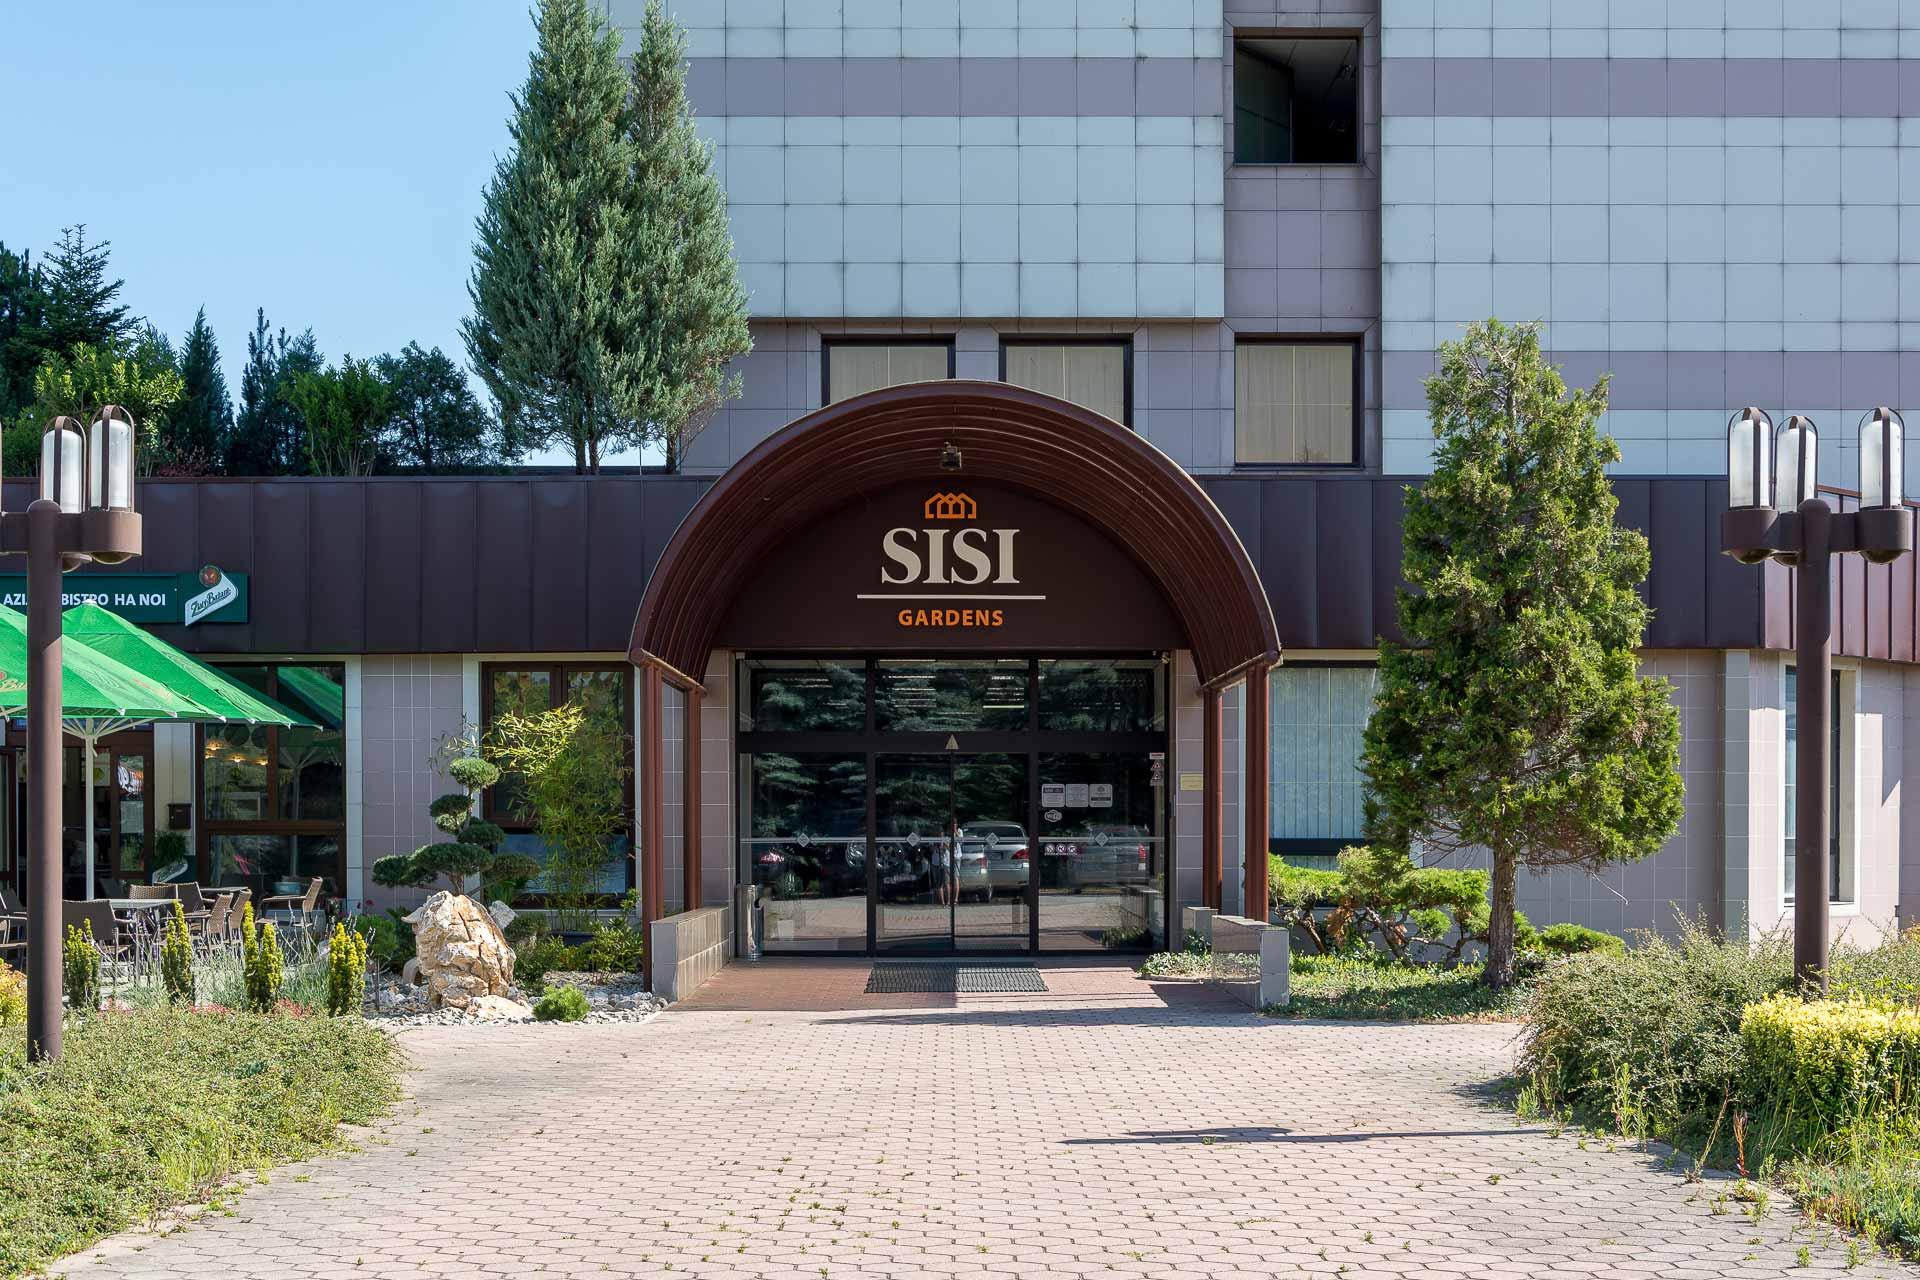 Titulná fotografia ku článku o tvorbe animovaného loga Sisi Gardens. Na obrázku je hlavný vchod do polyfunkčného objektu Sisi Gardens v Púchove.